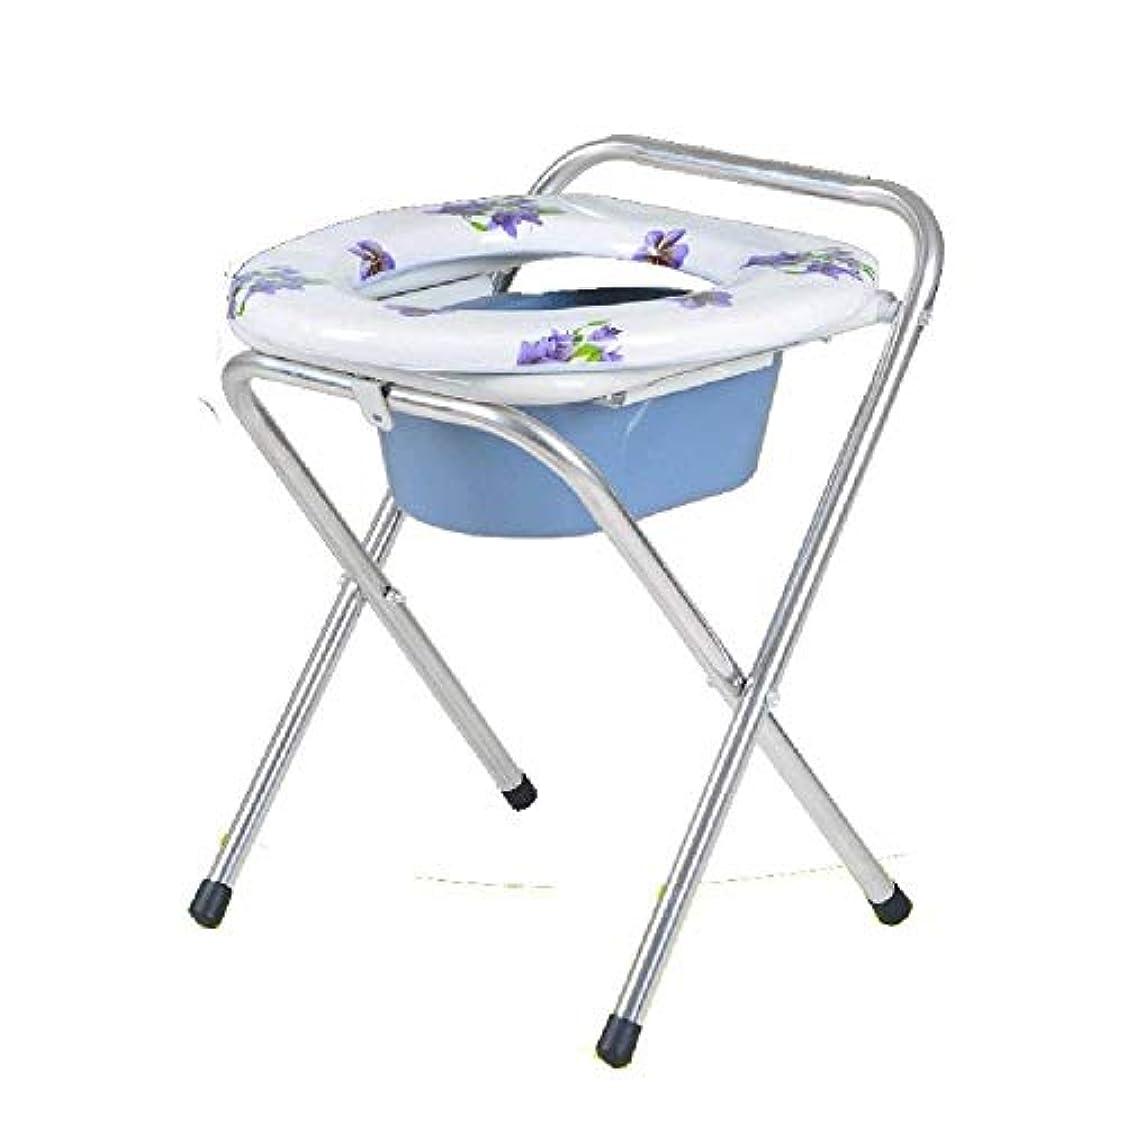 デザイナー市民いらいらさせる折りたたみ式便器椅子、高齢者妊娠便座用ステンレス便座